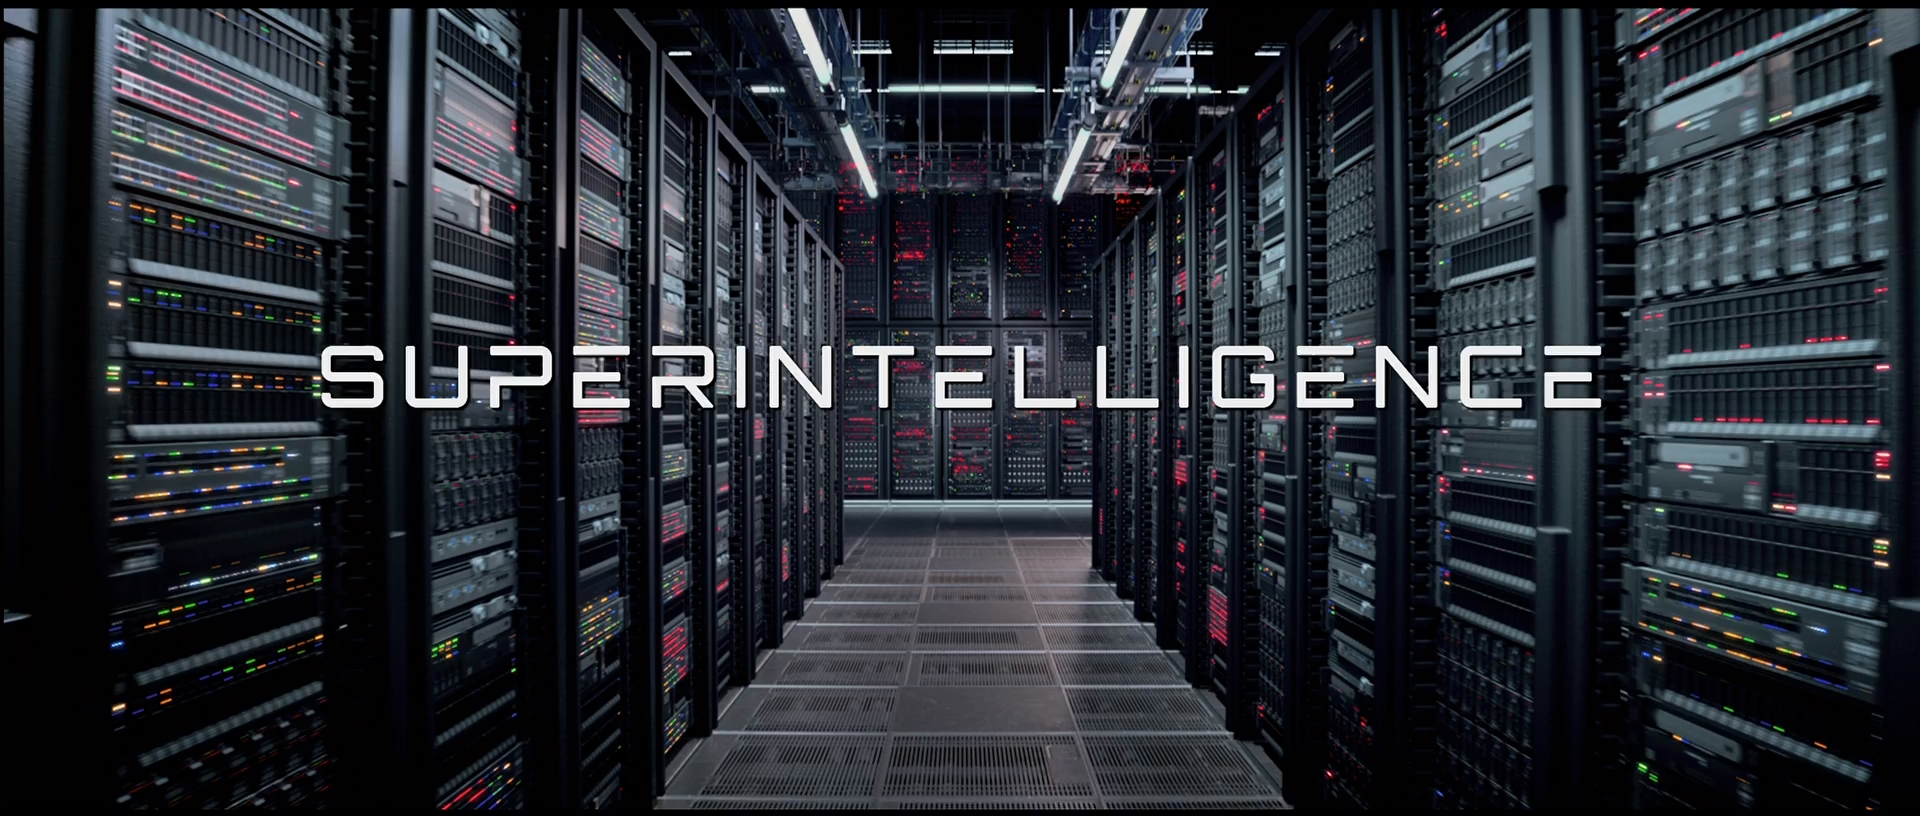 Super inteligencia (2020) 1080p WEB-DL Latino